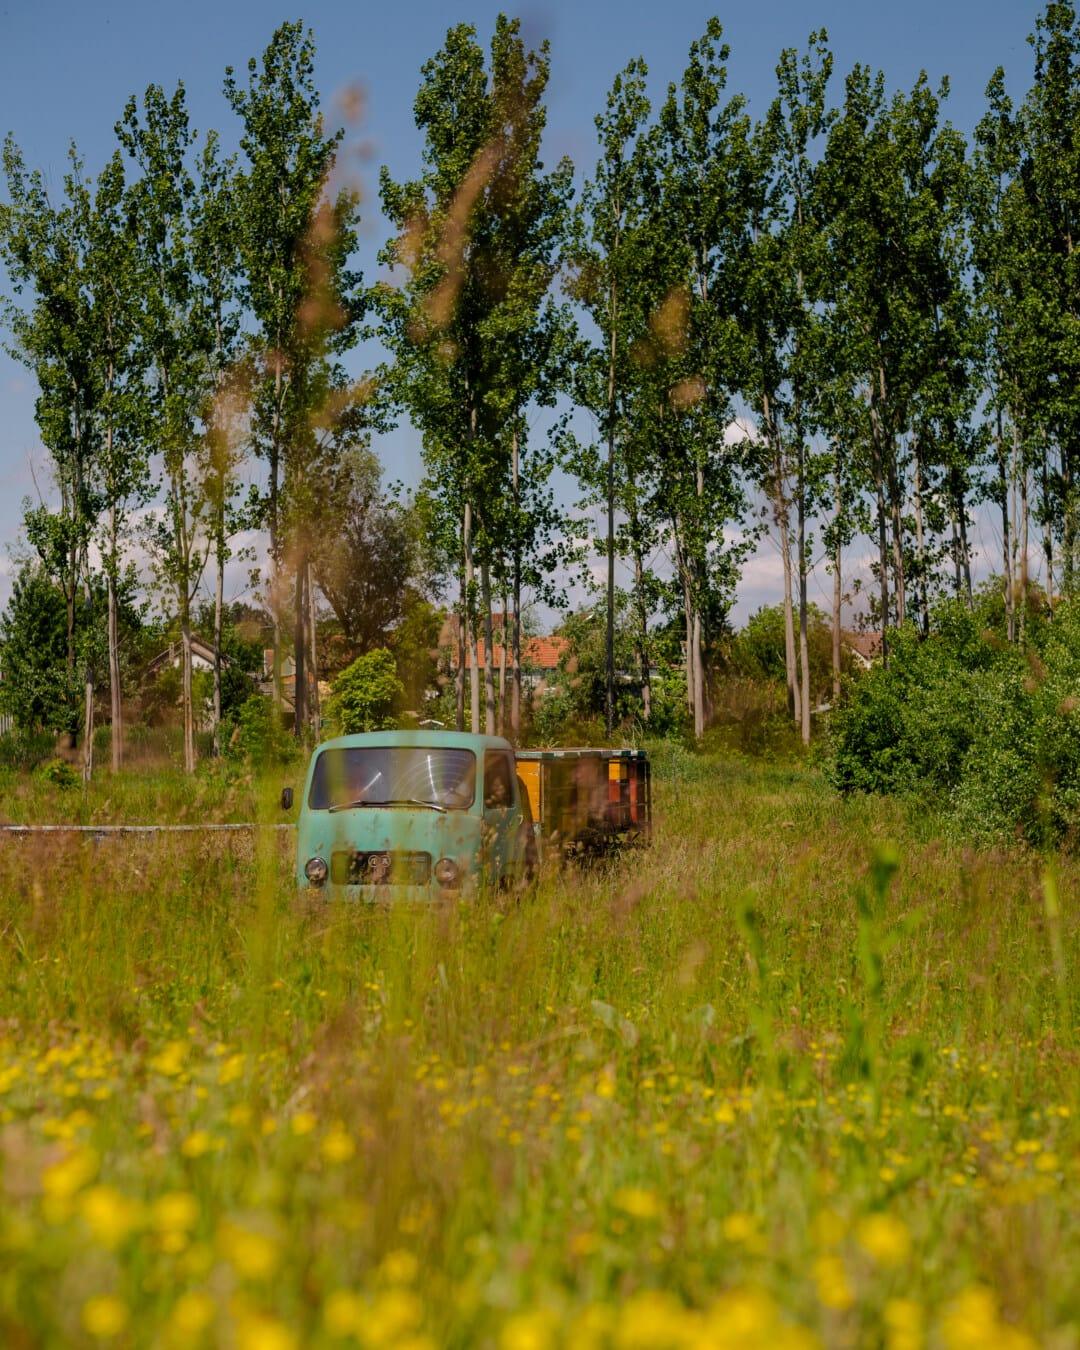 Bienenstock, LKW, des ländlichen Raums, Struktur, Fahrzeug, Gras, Natur, Landschaft, Holz, im freien